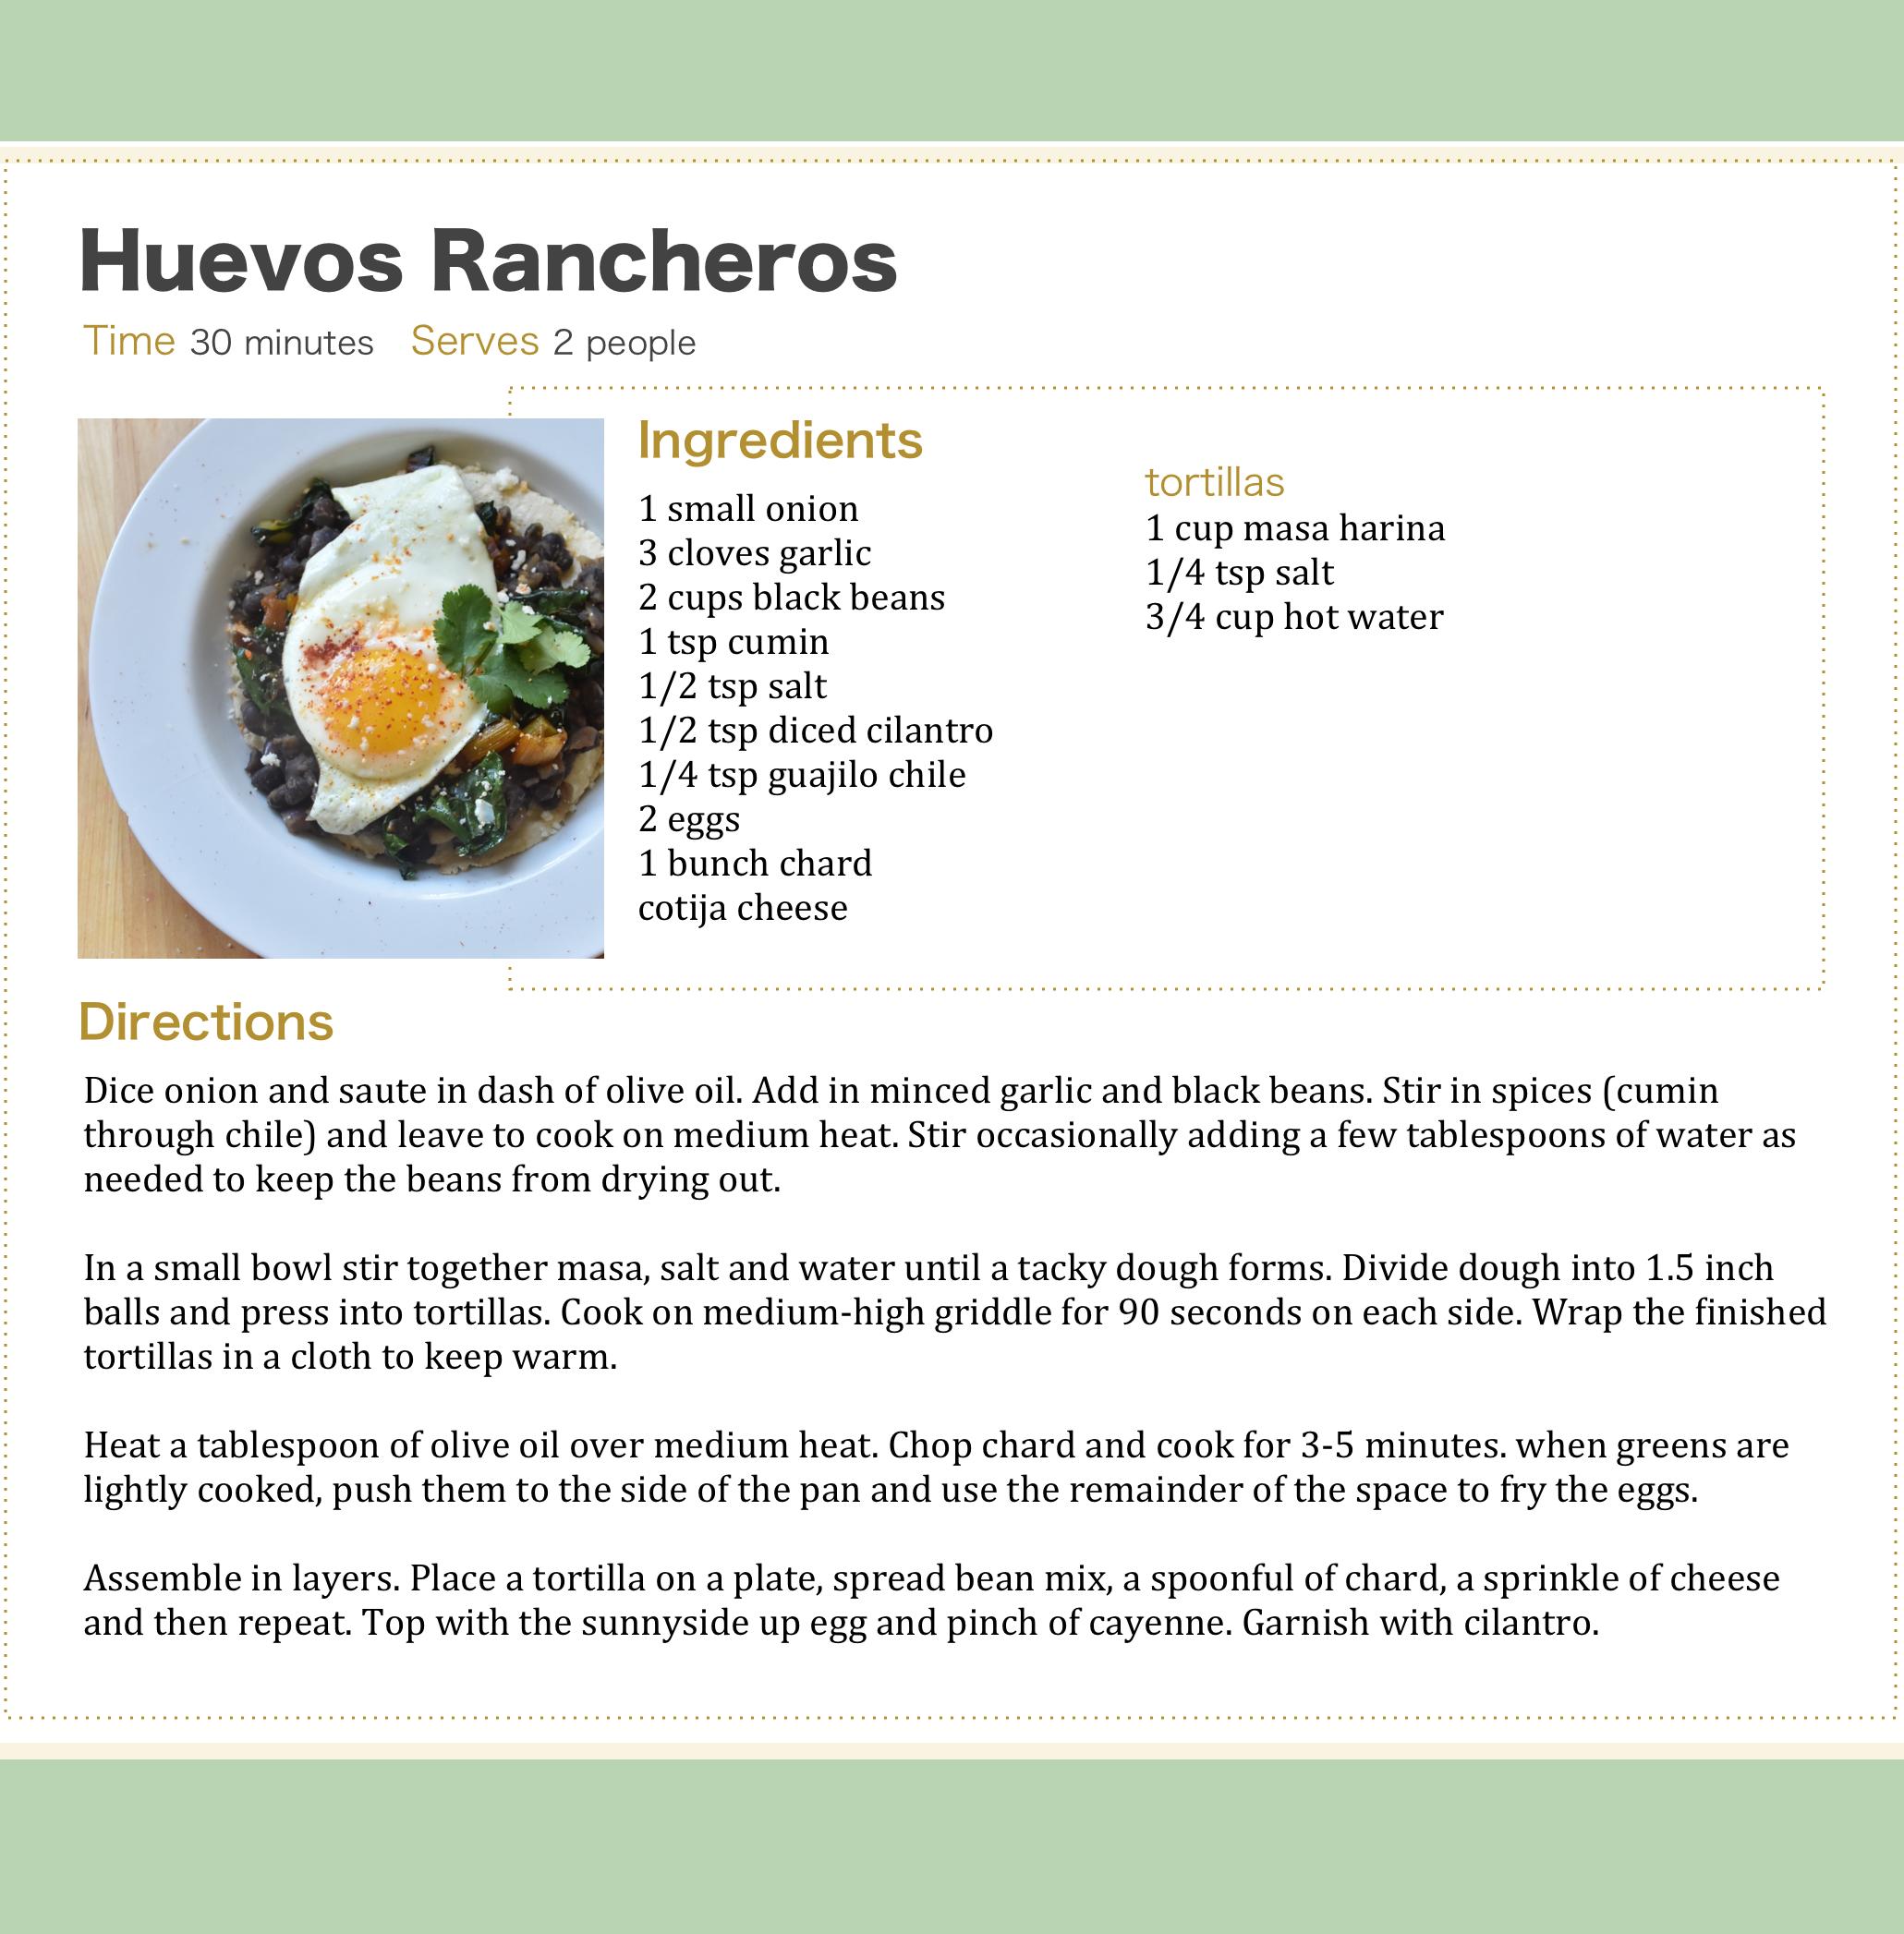 Huevos Rancheros.png